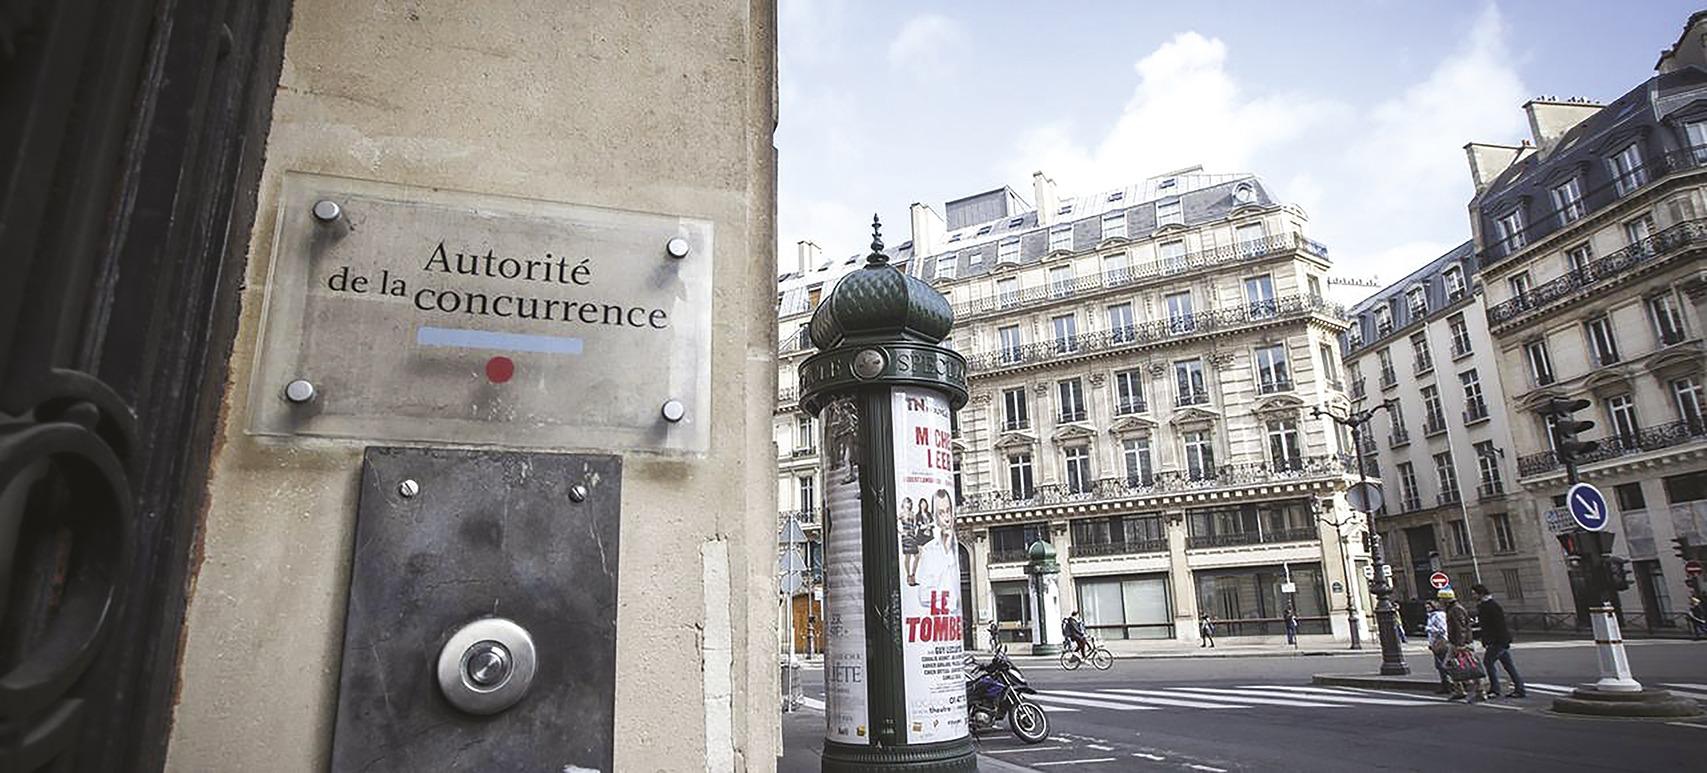 Autorité de la concurrence 02 (François Bouchon-Le Figaro)